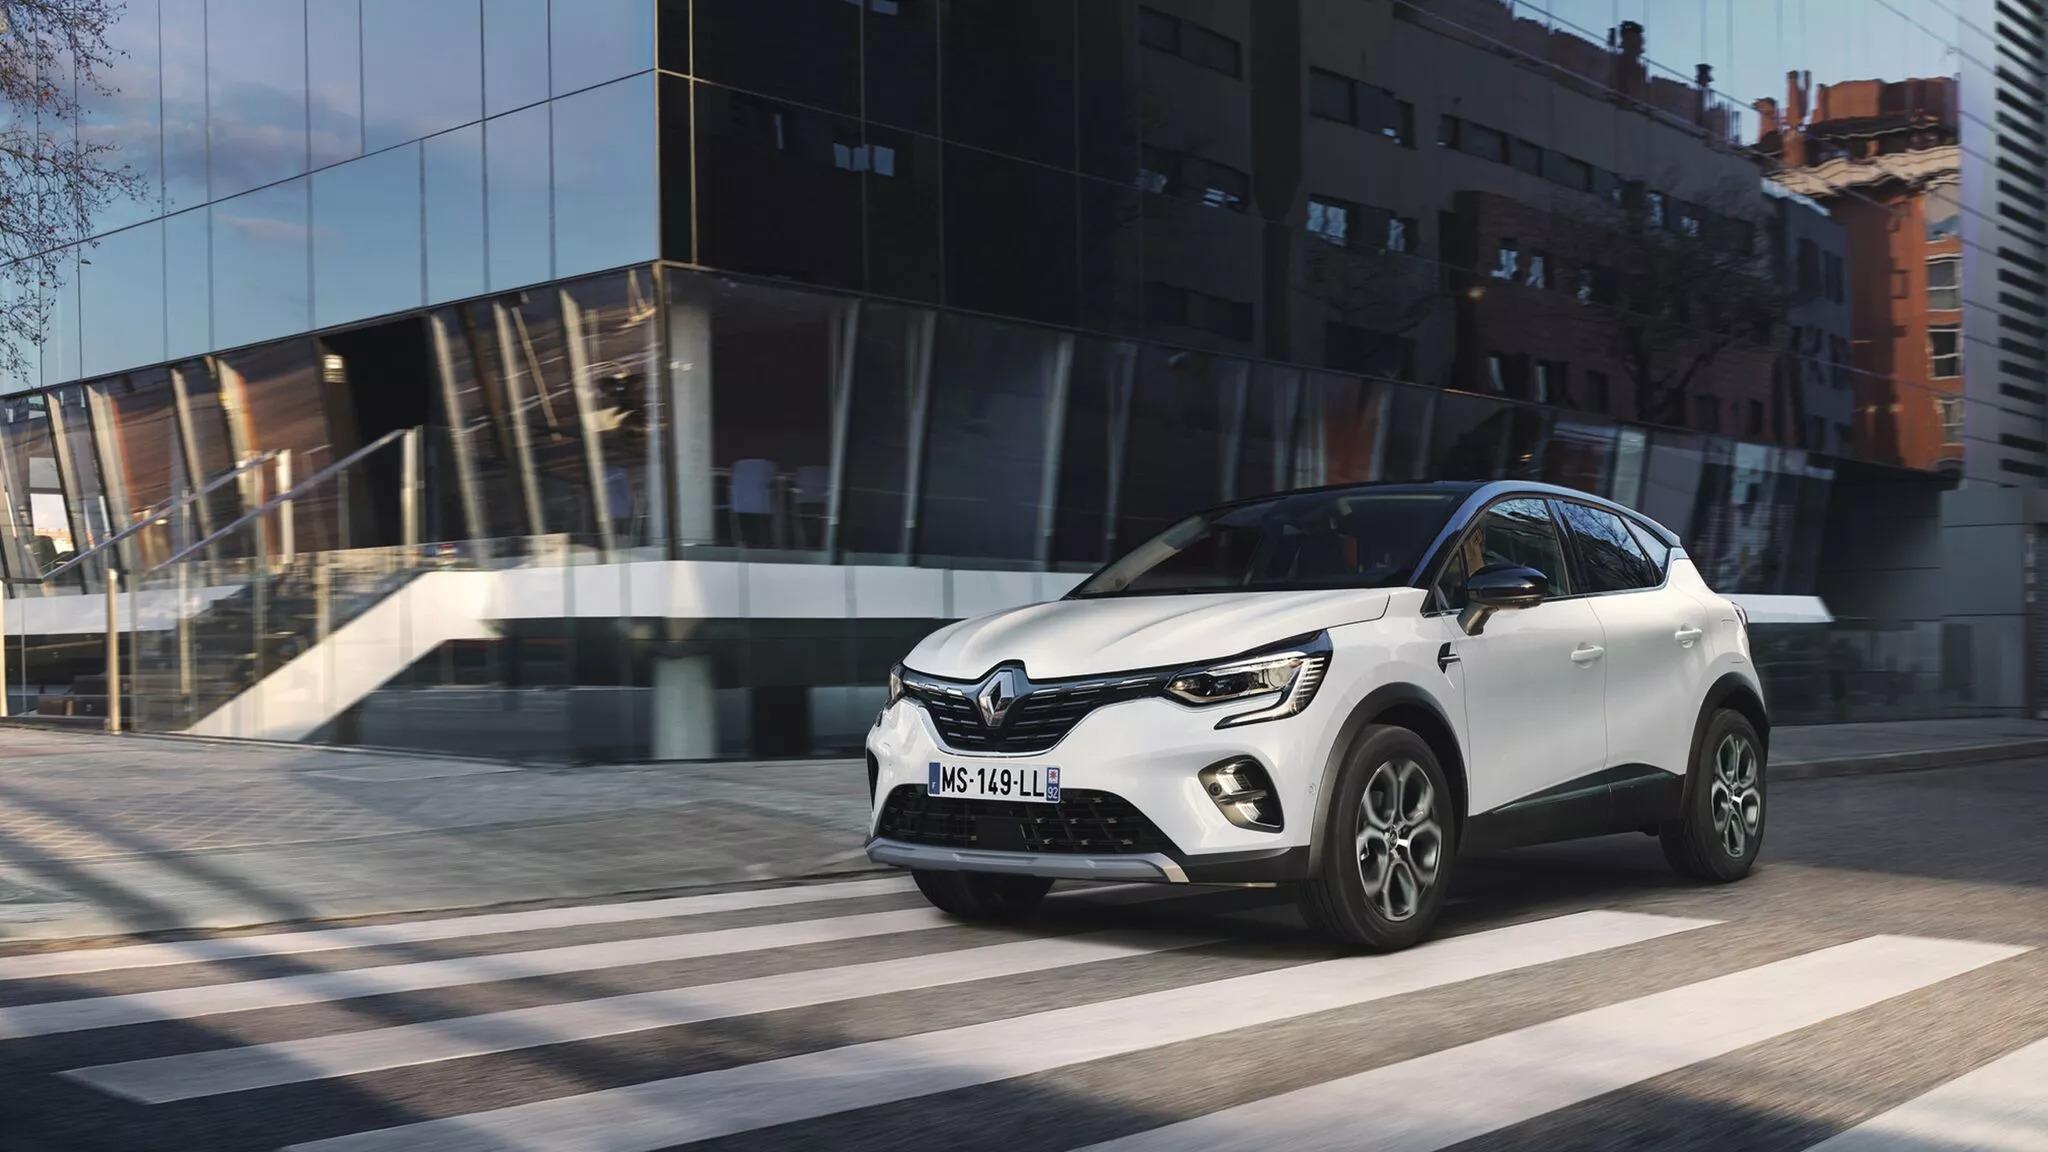 Nouveau renault Captur SUV Hybride plug-In rechargeable - Roda Auto Garage Renault près de Nîmes (30)